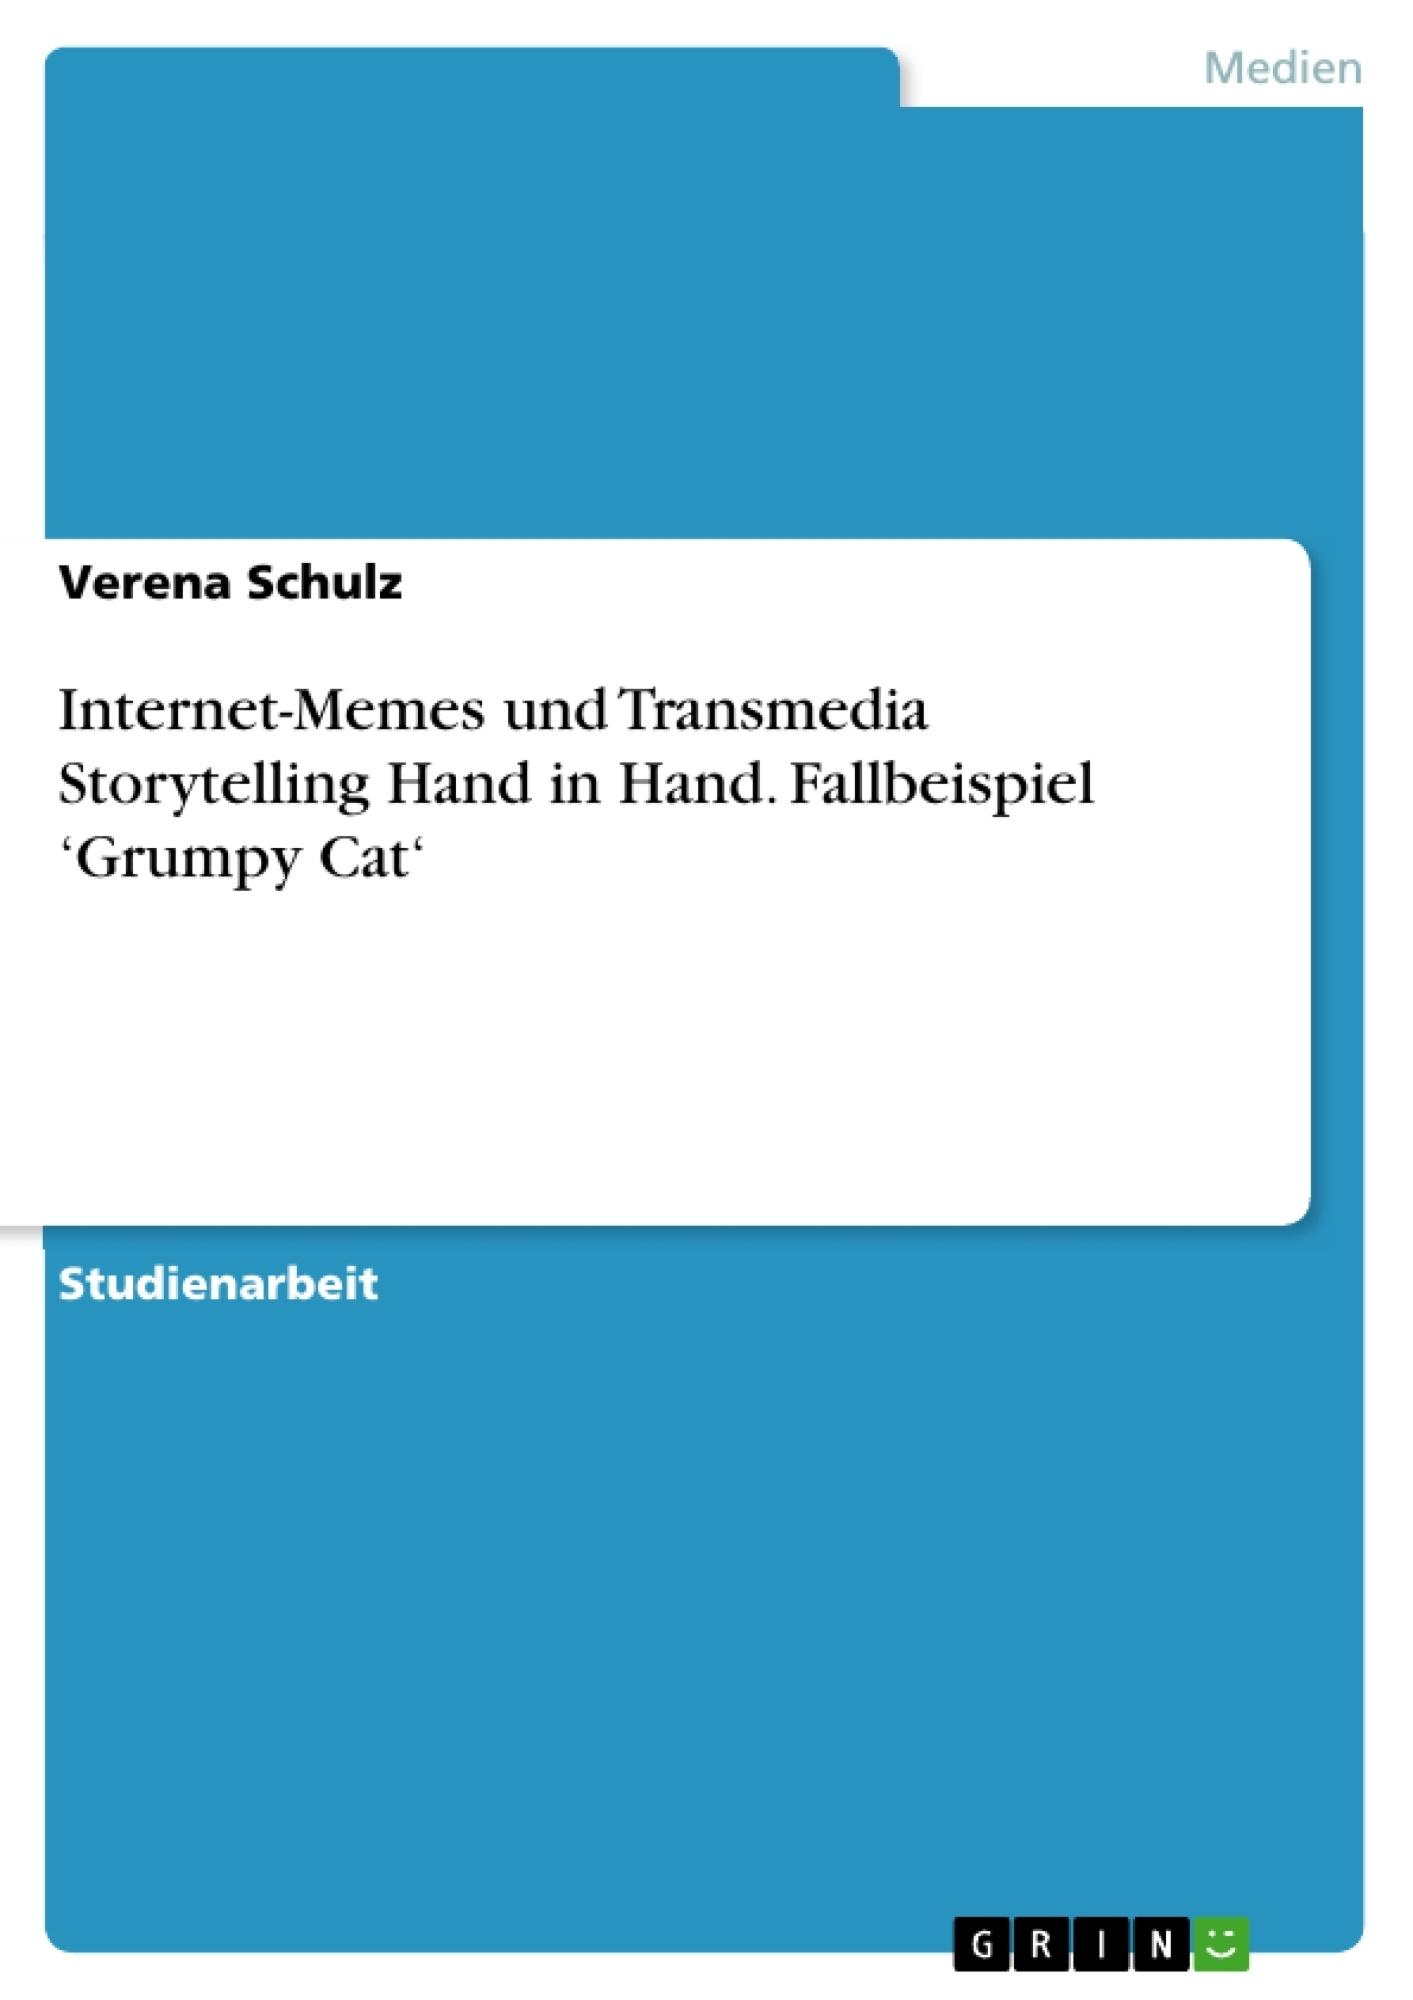 Titel: Internet-Memes und Transmedia Storytelling Hand in Hand. Fallbeispiel 'Grumpy Cat'